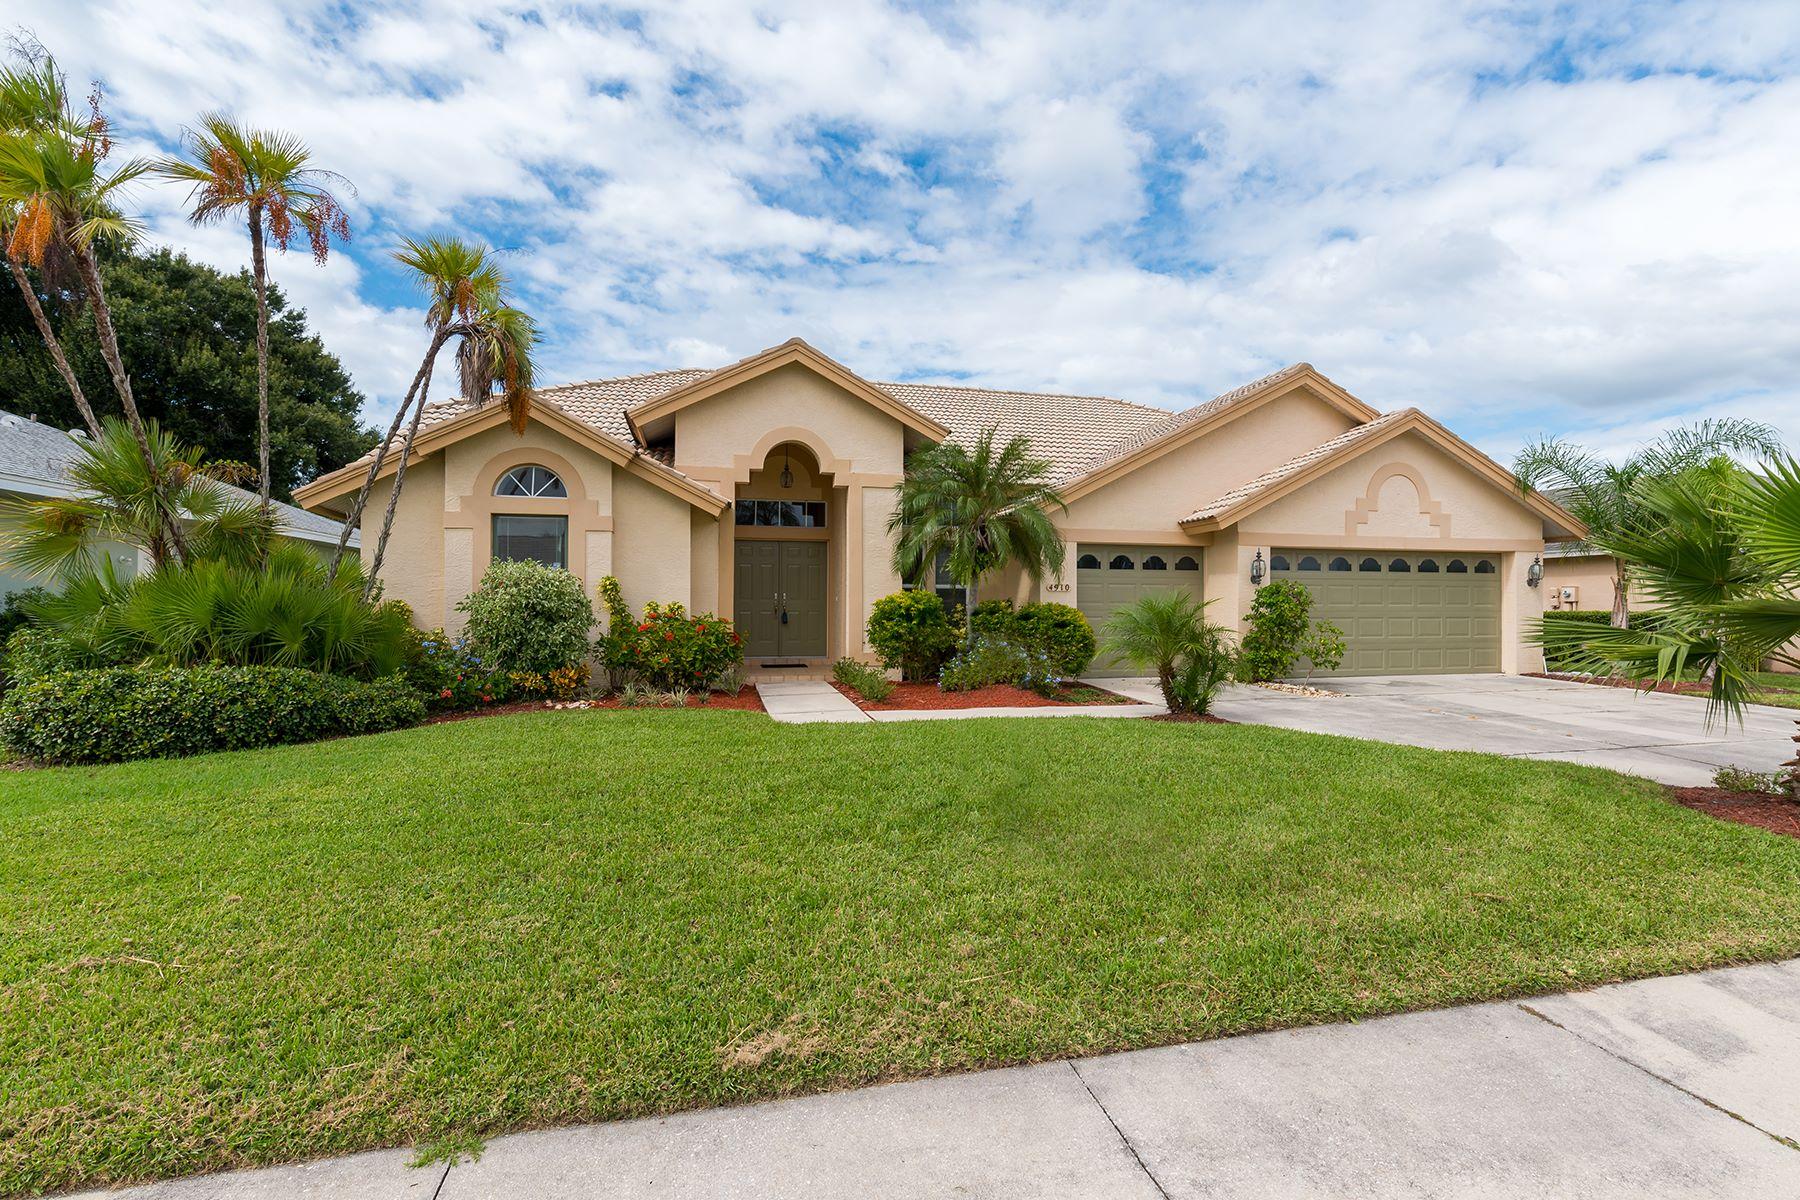 Maison unifamiliale pour l Vente à PERIDIA 4910 Peridia Blvd E Bradenton, Florida, 34203 États-Unis